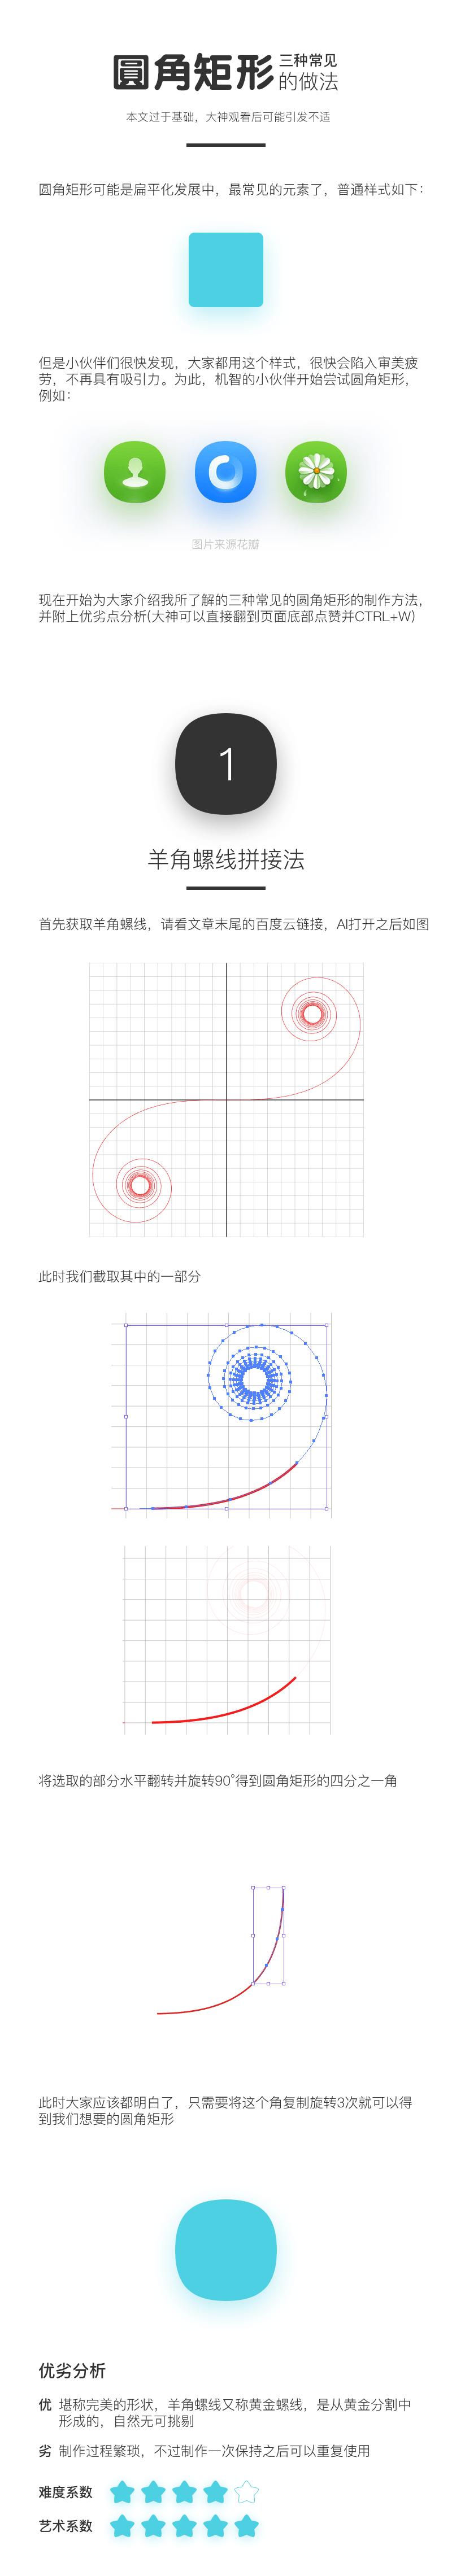 如何快速制作圆角矩形?解析三种常见的方法与区别